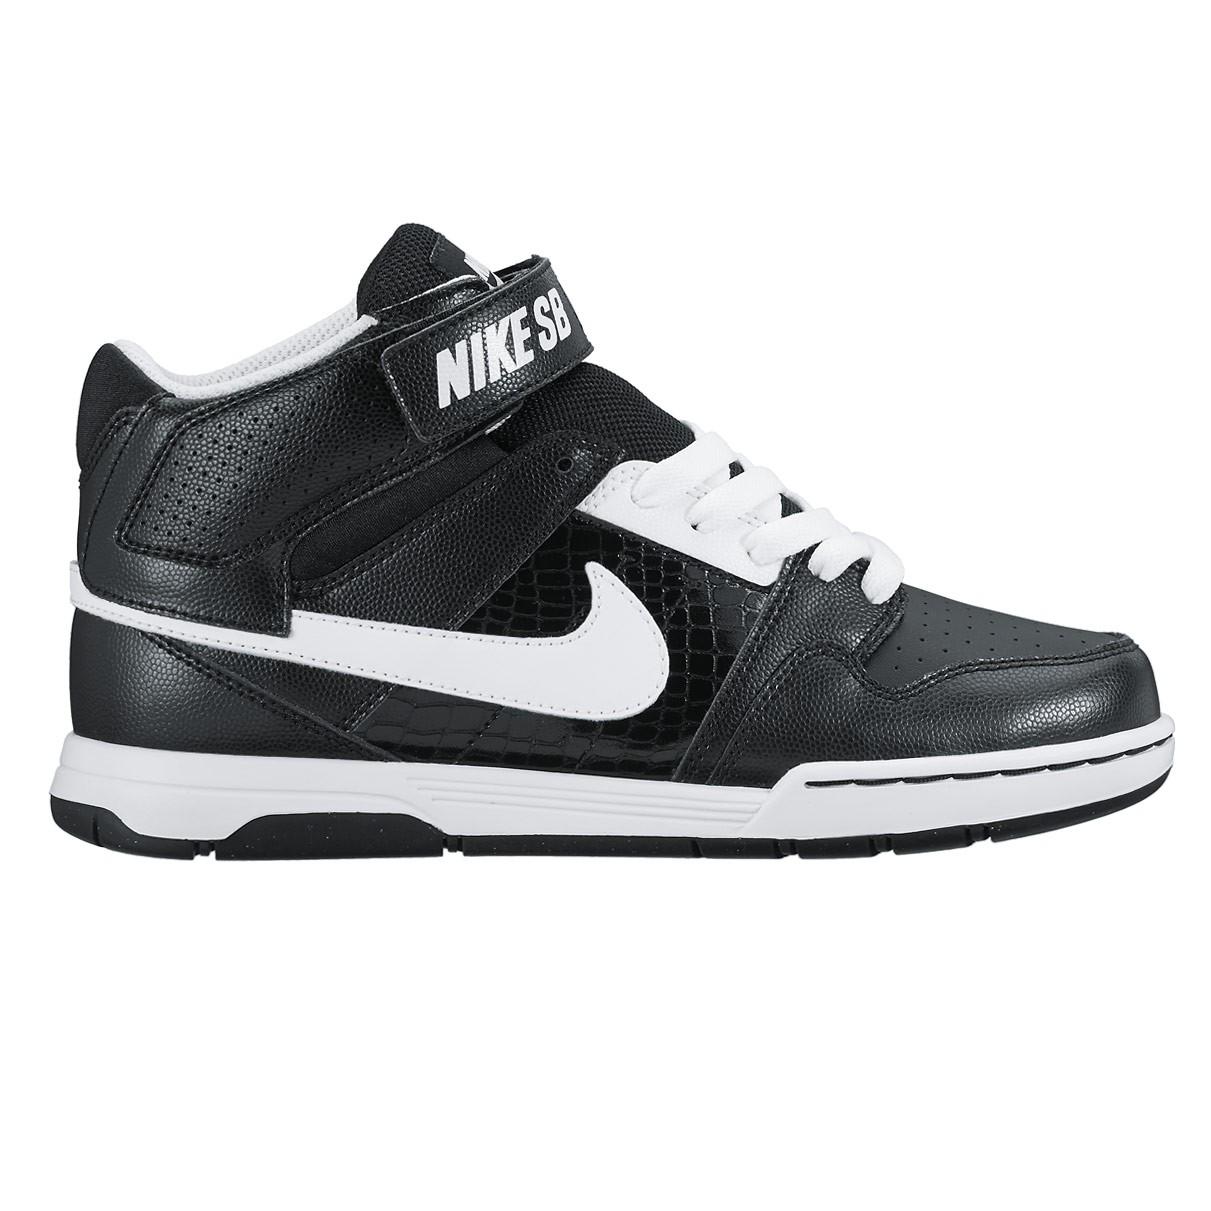 Tenisky Nike SB Mogan Mid 2 Jr black/white-black